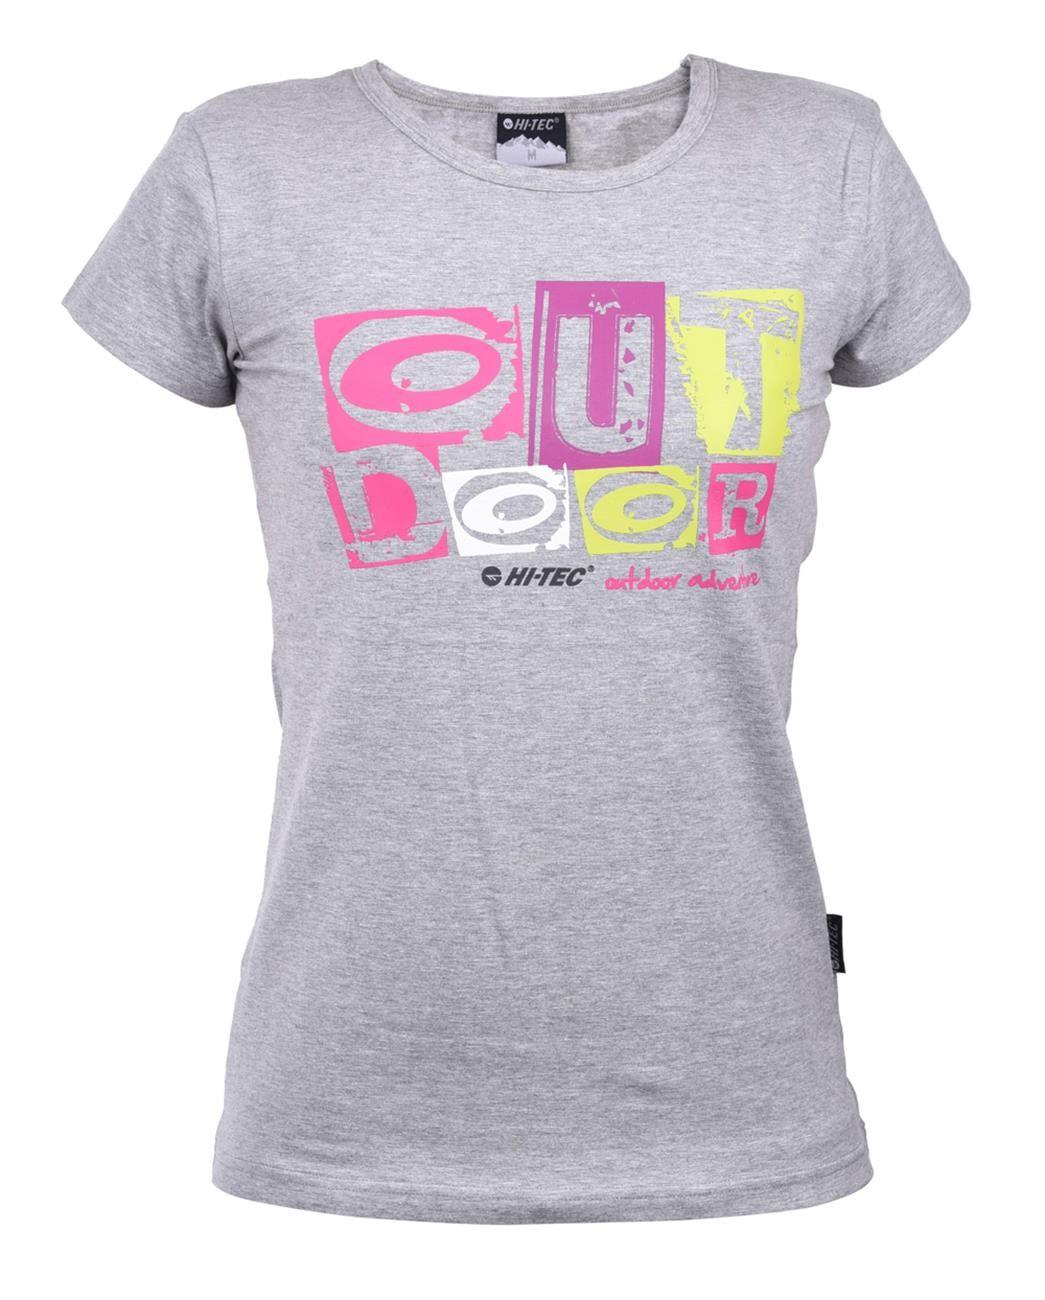 Koszulki HI-TEC męskie/damskie - różne wzory